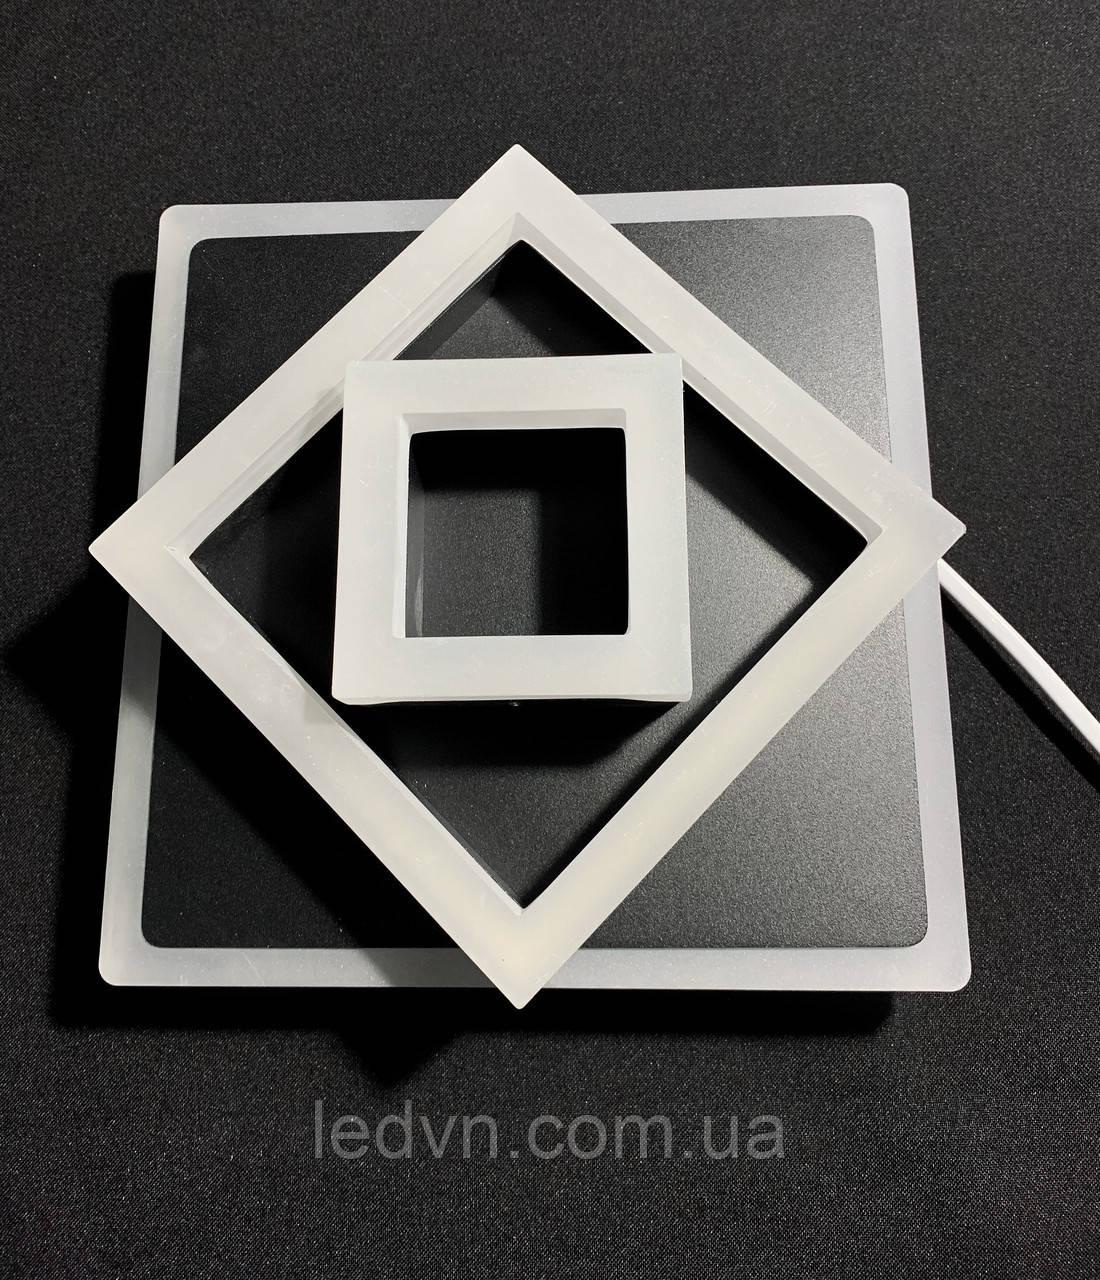 Светодиодный потолочный светильник квадрат черный